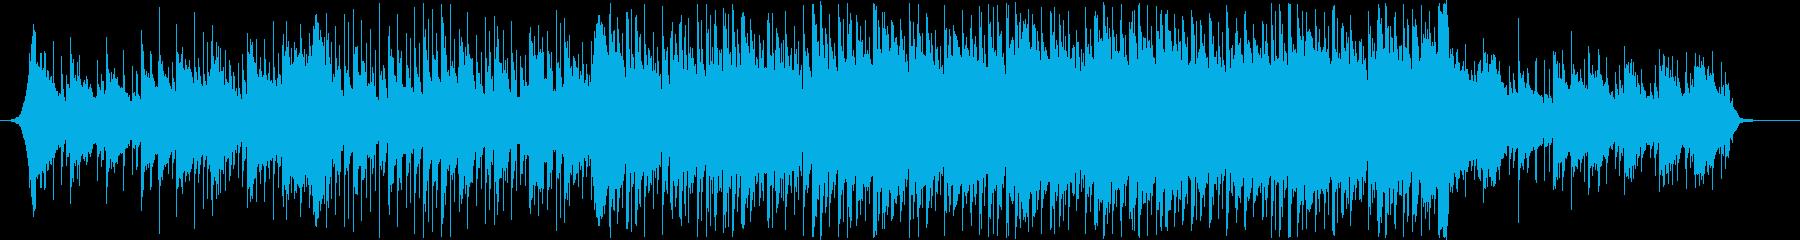 爽やか躍動感ピアノフルートコーポレートBの再生済みの波形